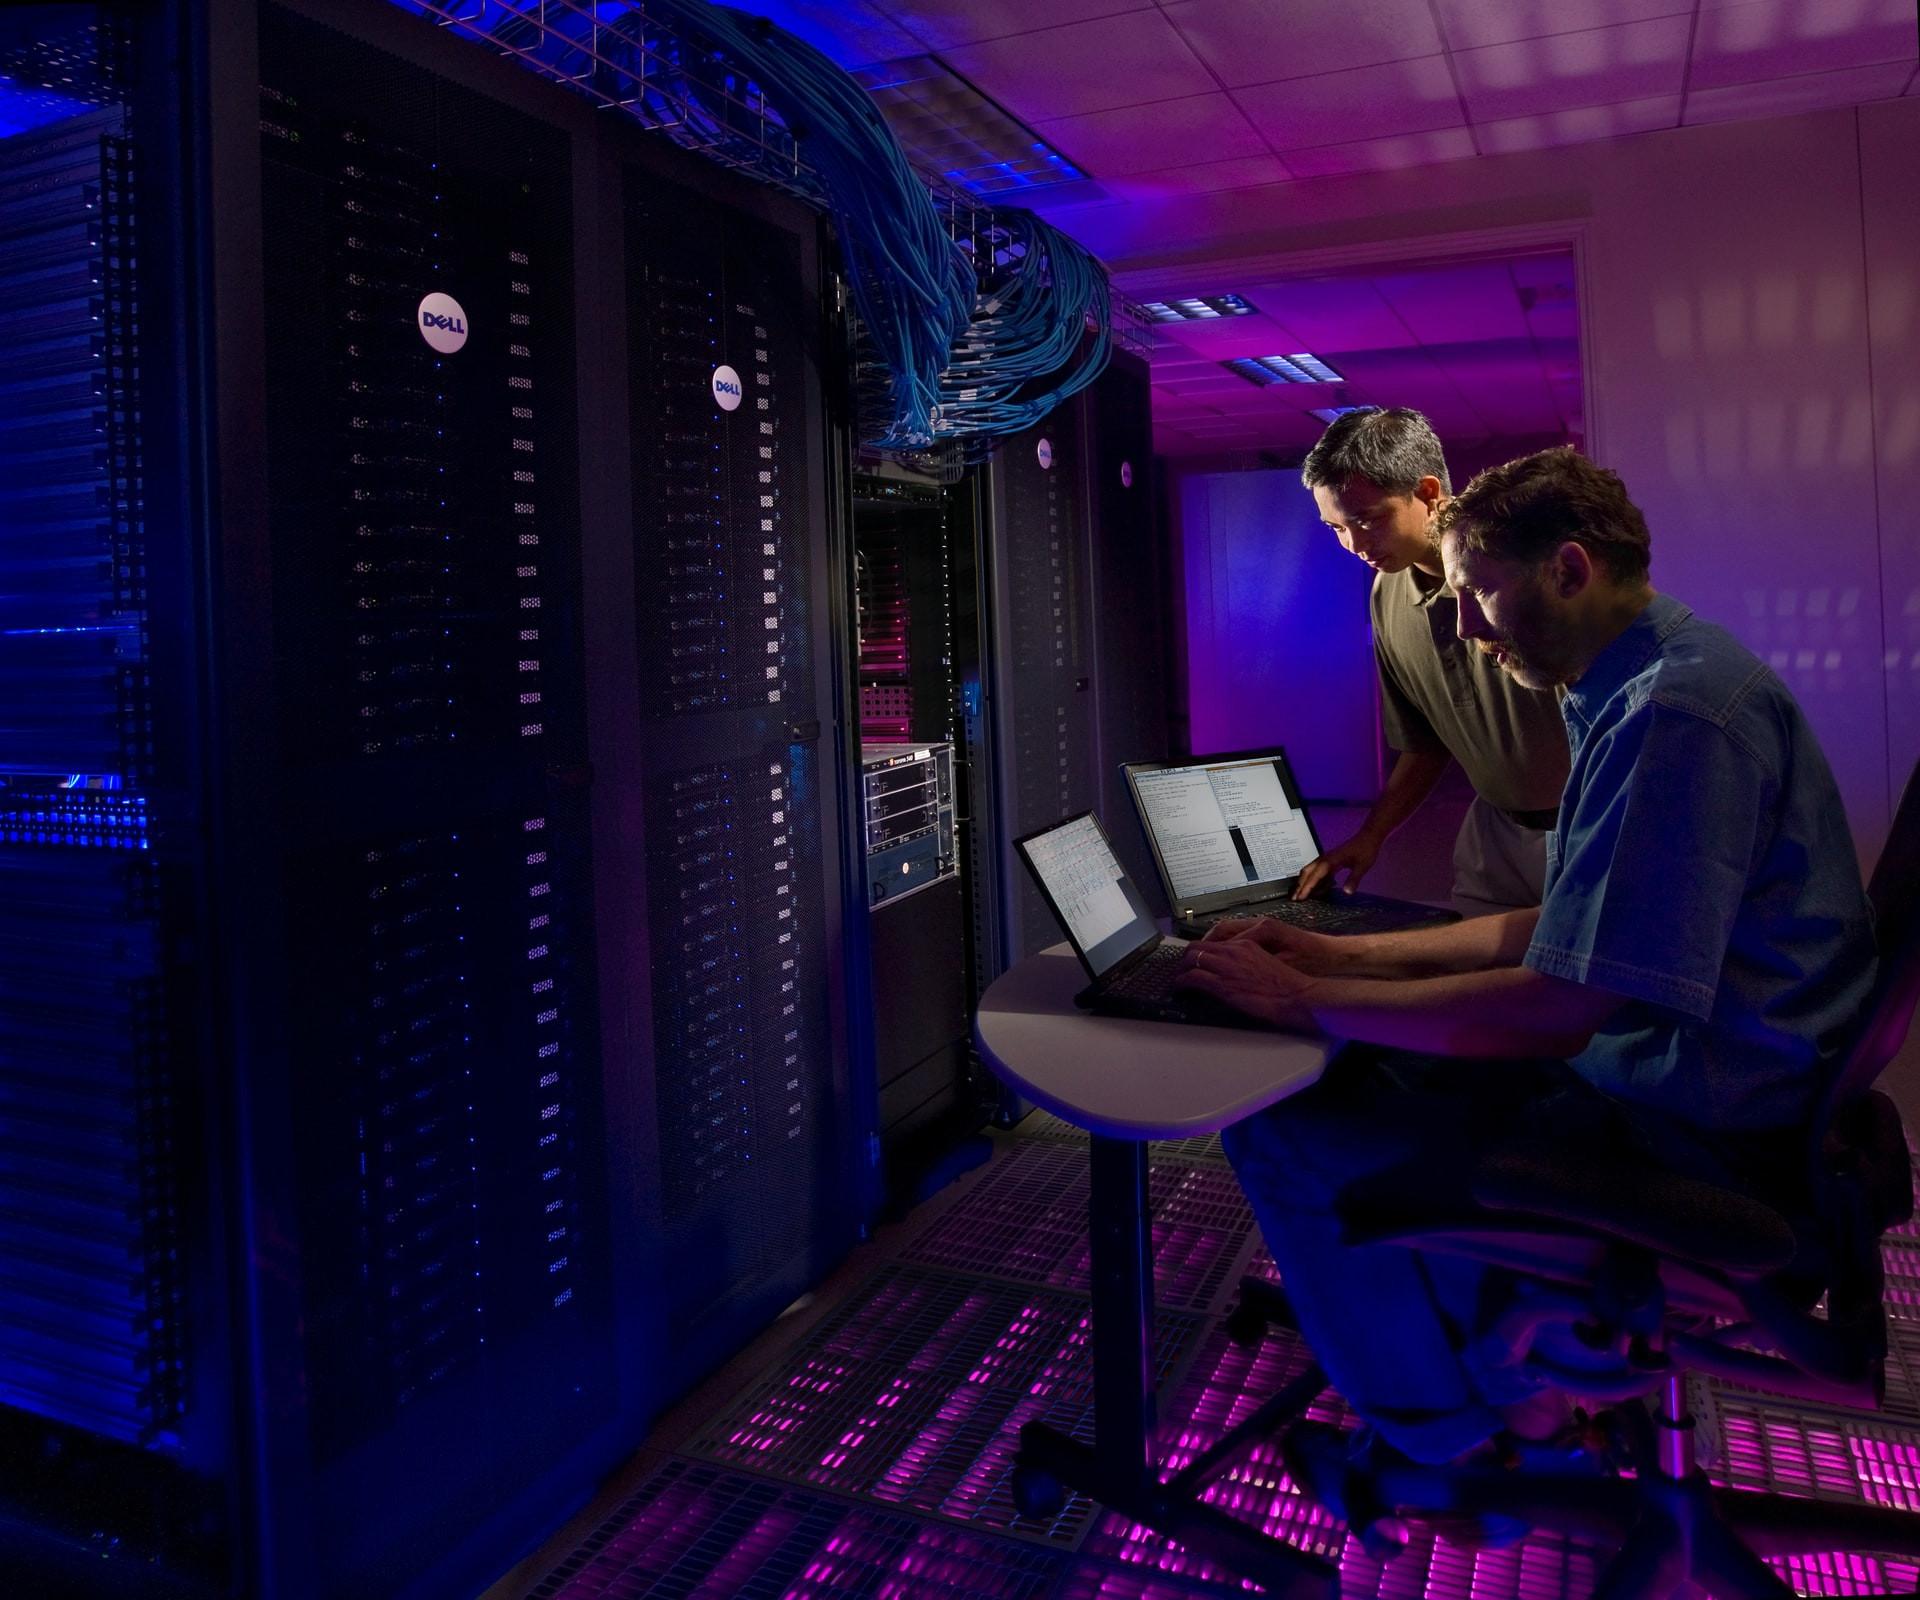 funcion-cumple-conectarse-ssh-a-servidor